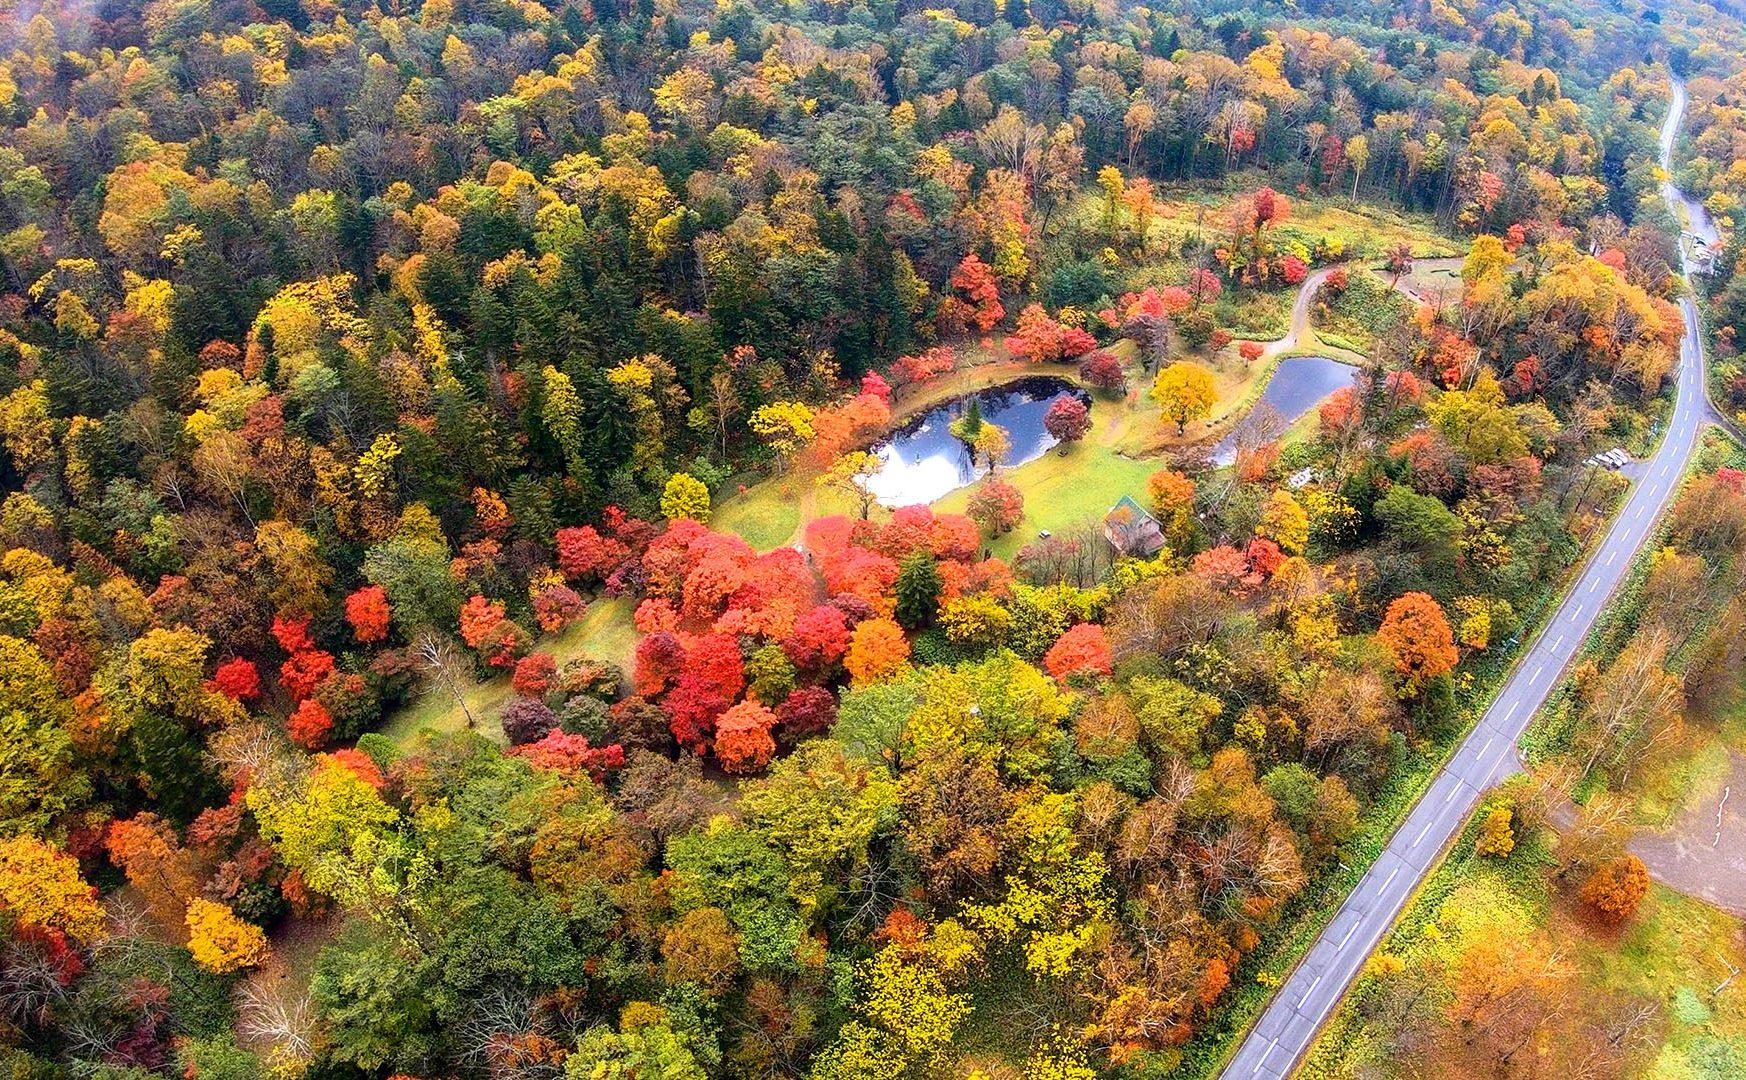 十勝で紅葉を楽しむならここ! 1ヶ月だけ一般公開される「福原山荘」